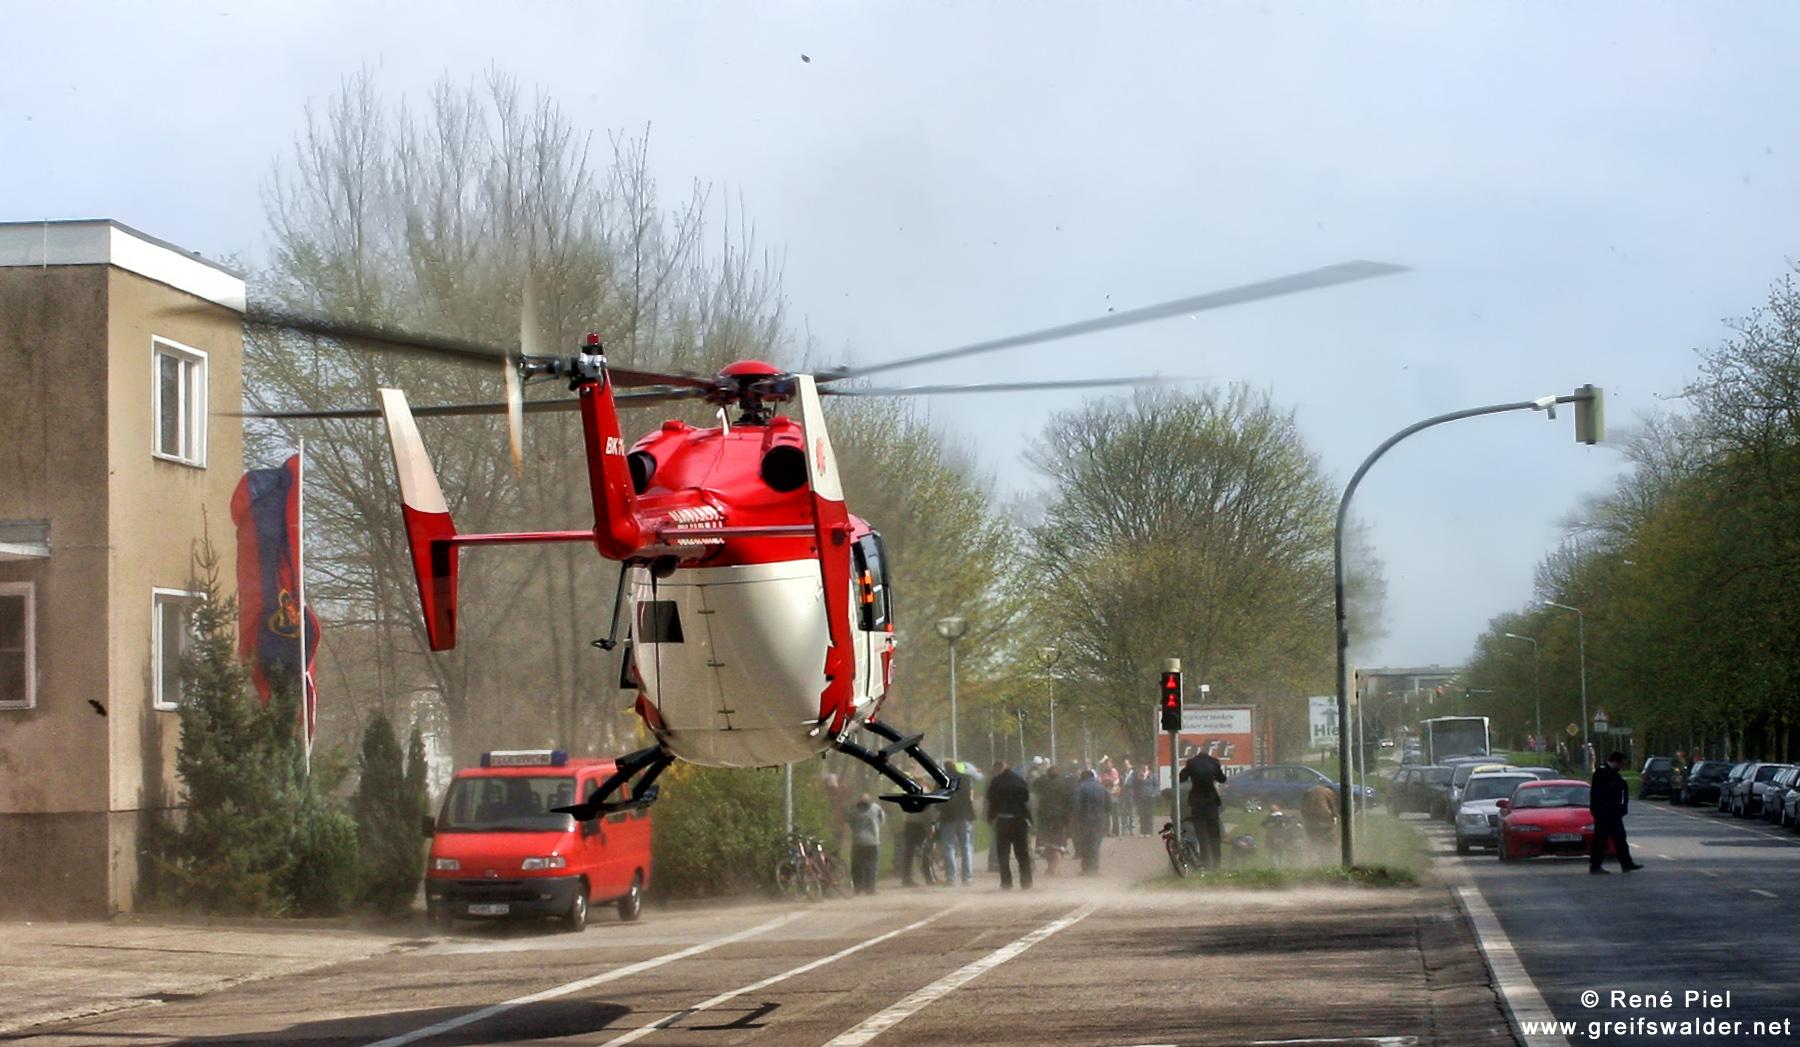 Landeanflug Christoph 47 in Greifswald